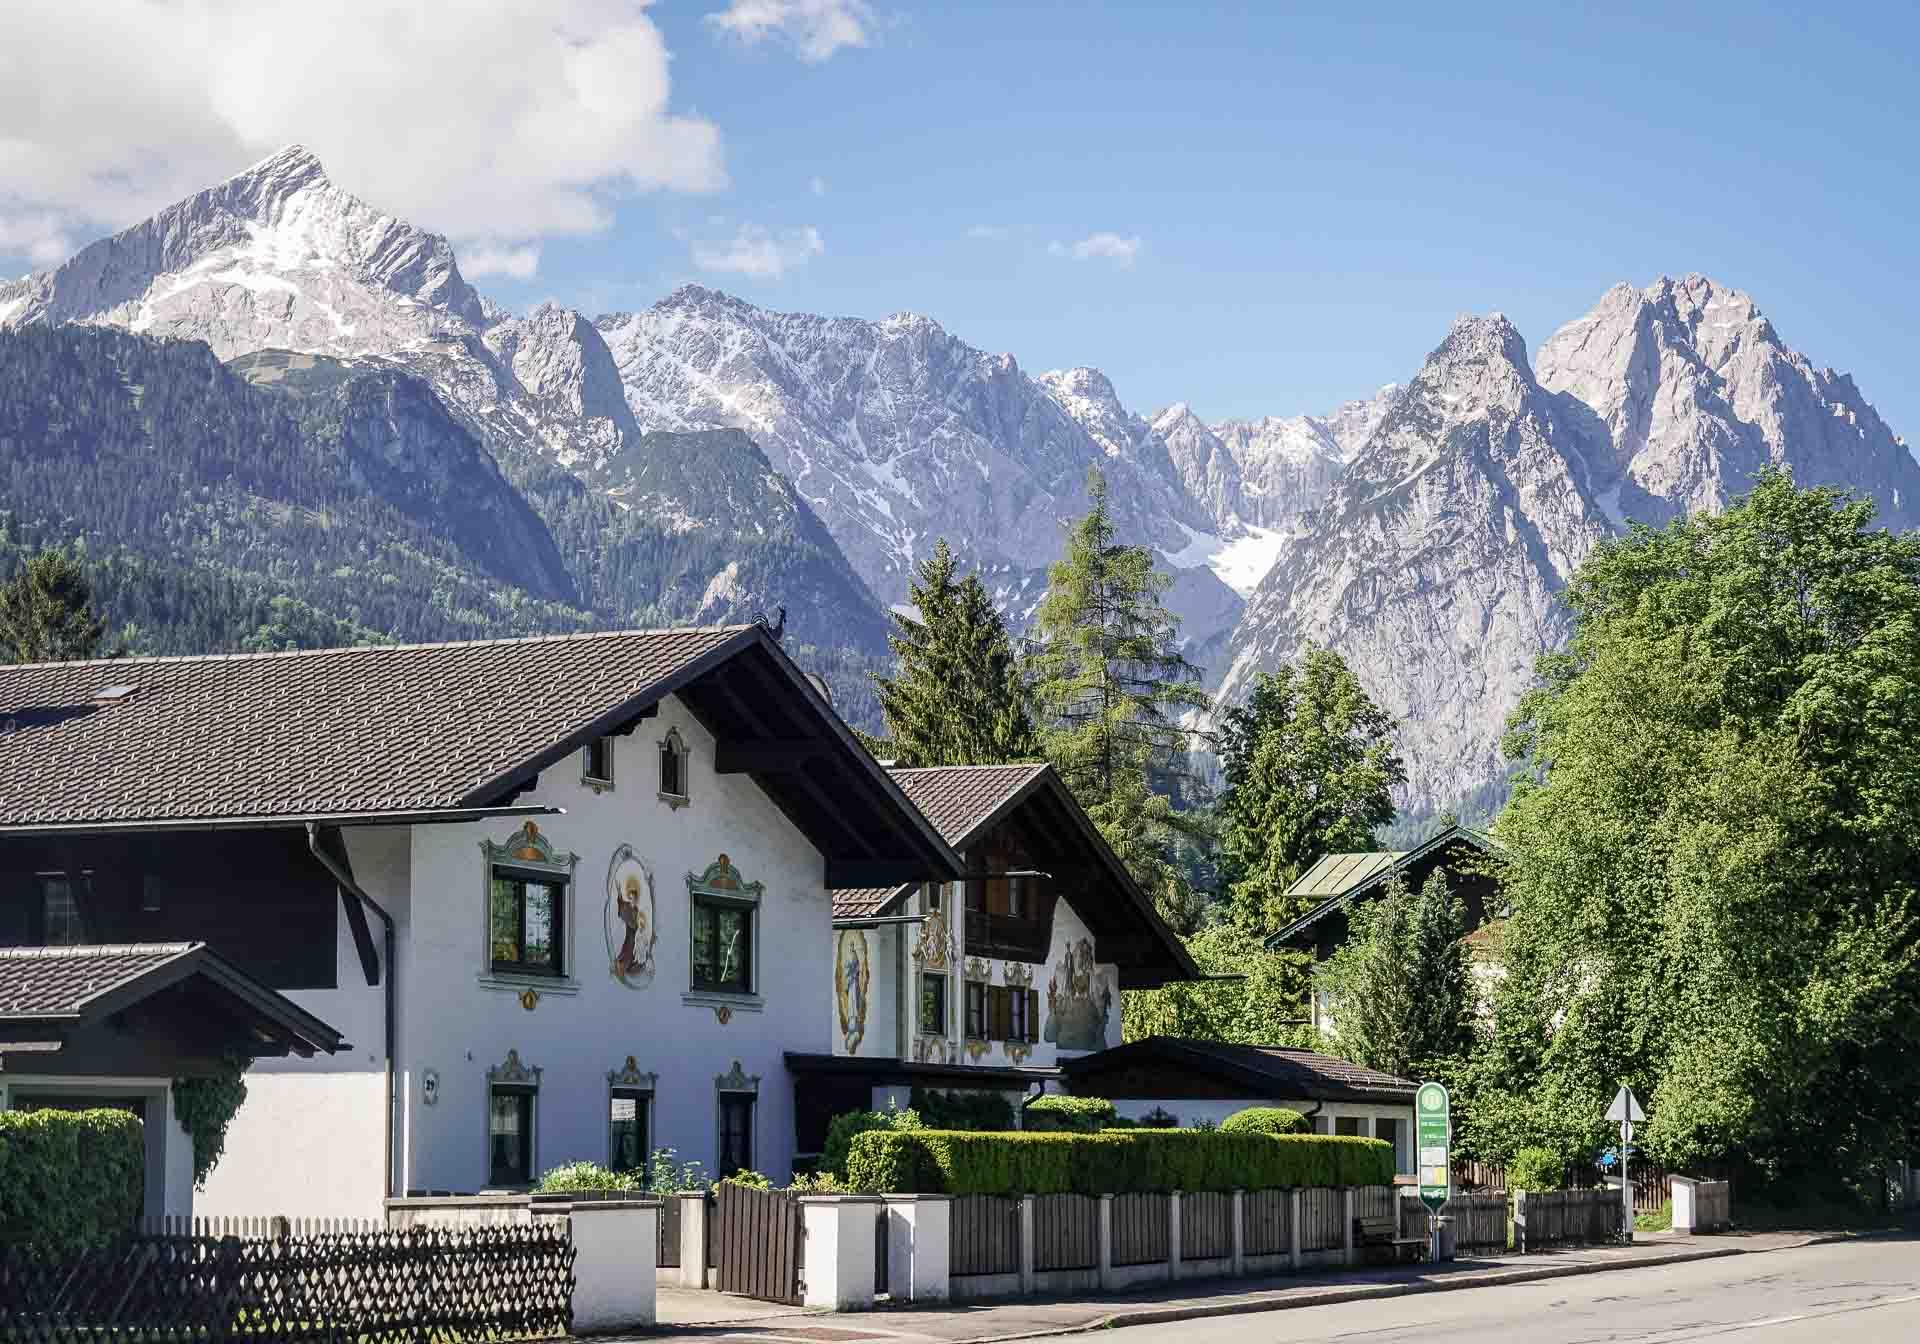 Quartier Lodge Garmisch Partenkirchen Eine Heimat In Den Bergen